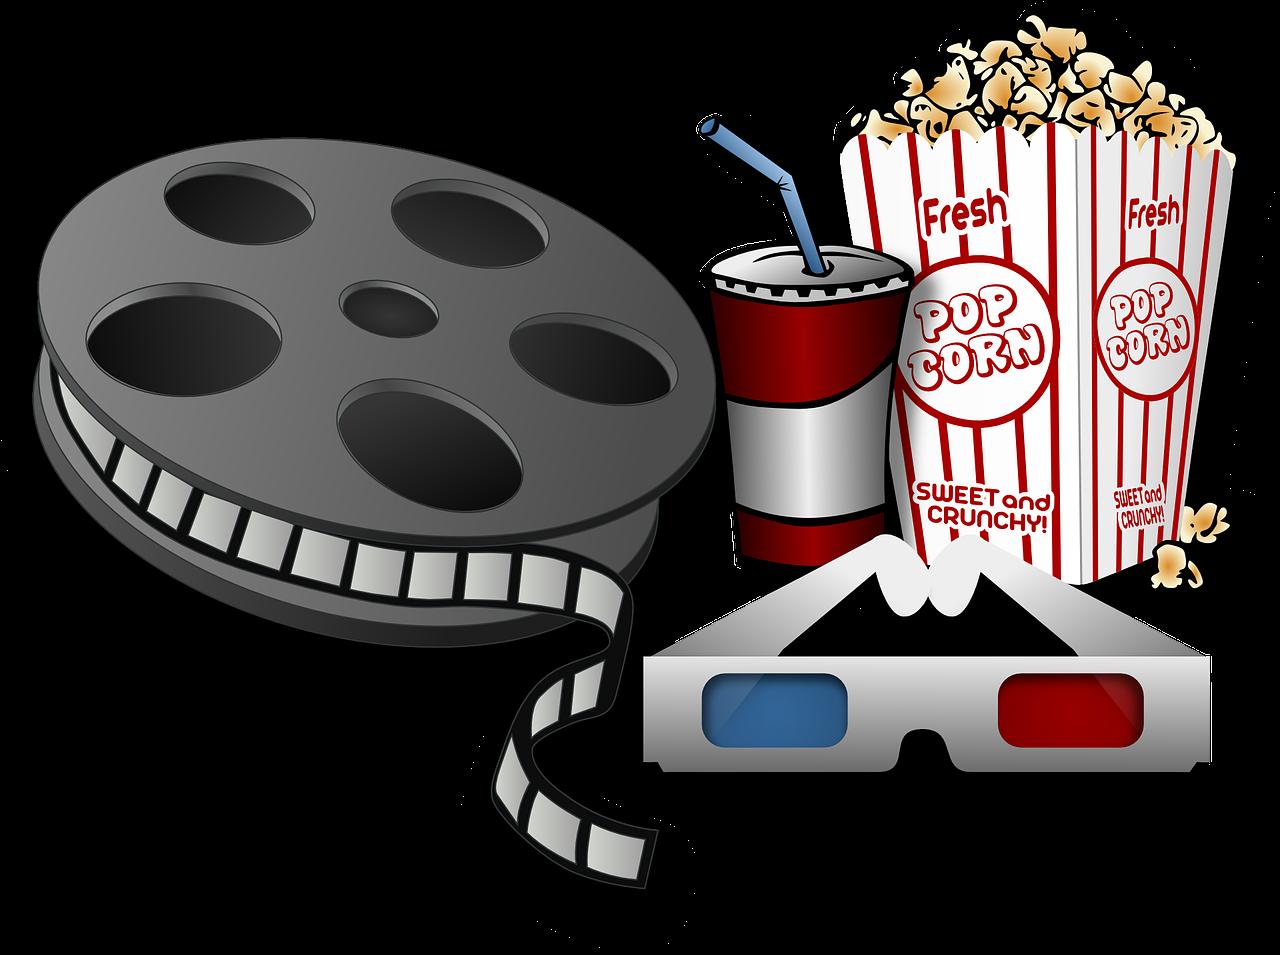 http://lesmeandresdecyprienne.blogspot.com/2016/10/trois-films-pour-affronter-lautomne.html